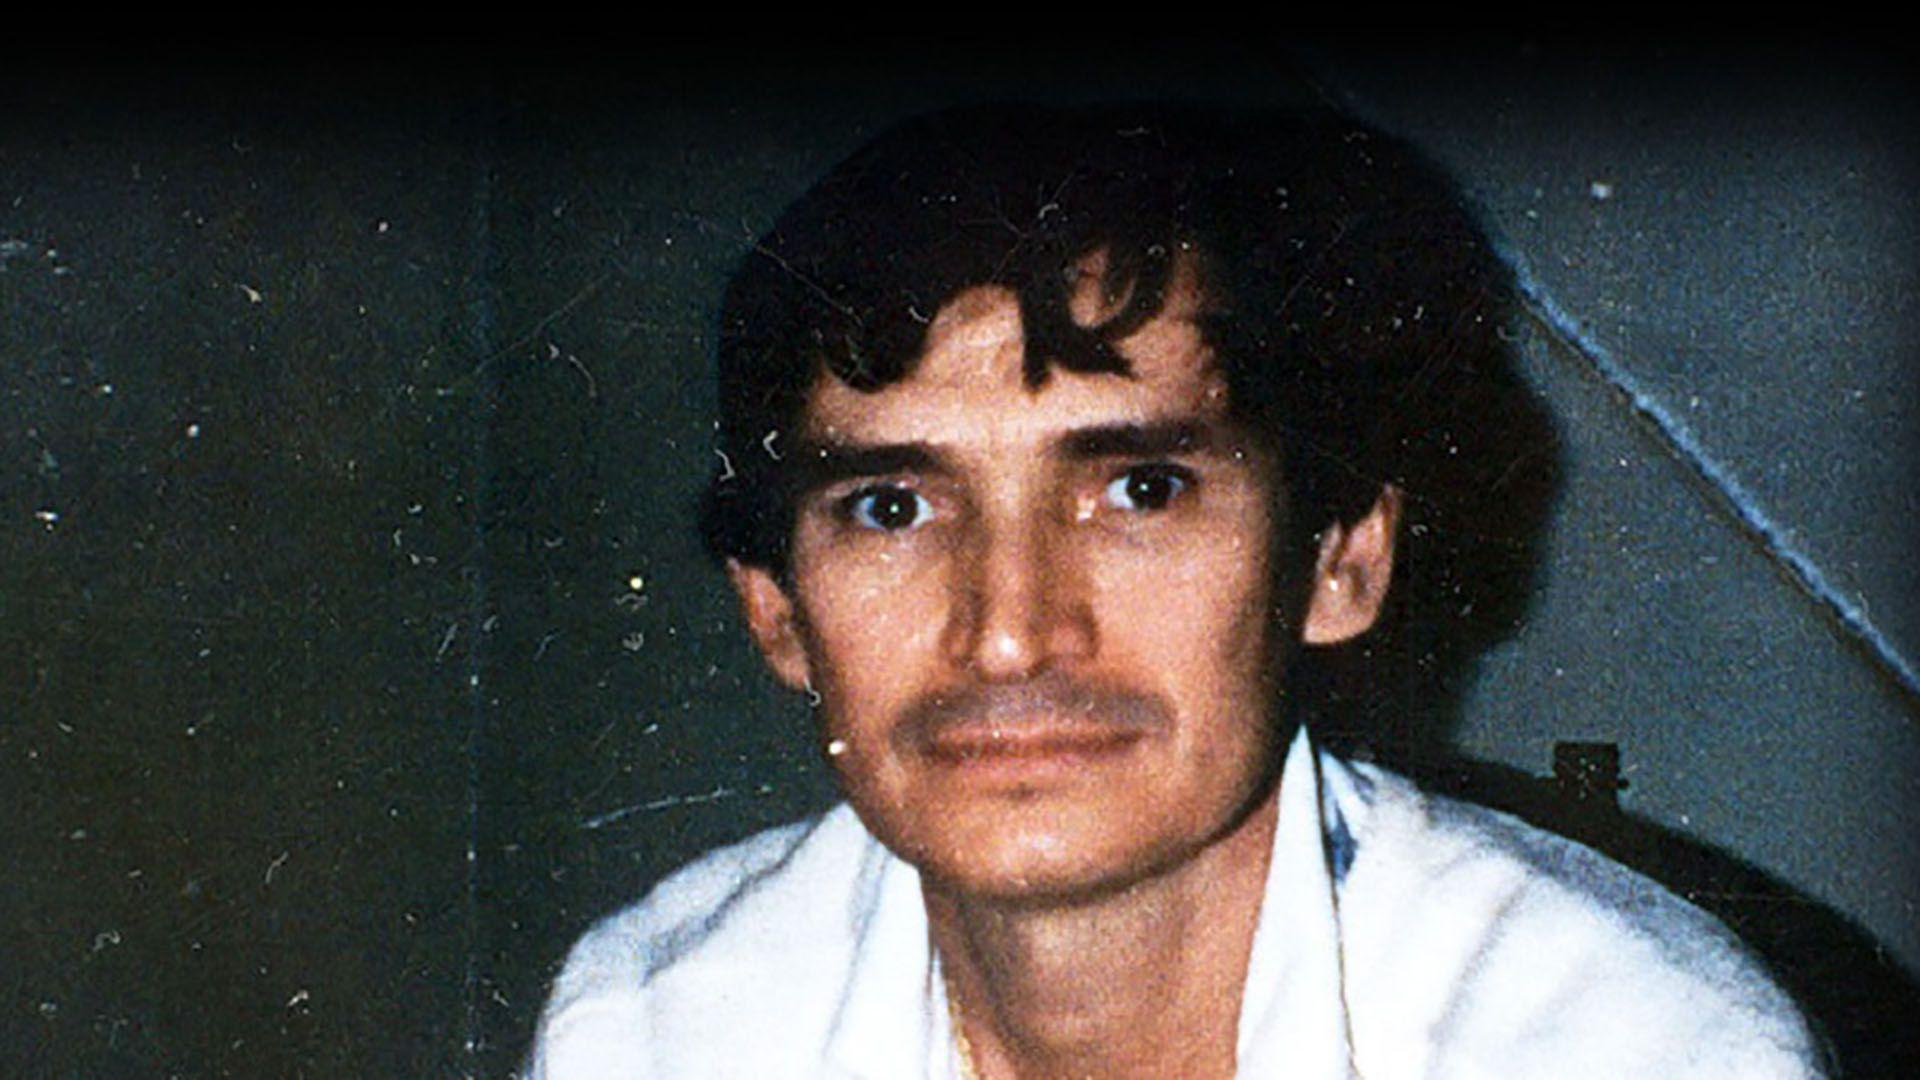 Del gran cabecilla criminal solo quedan los restos de un hombre derrotado por el tiempo y por las enfermedades (Foto: Archivo)